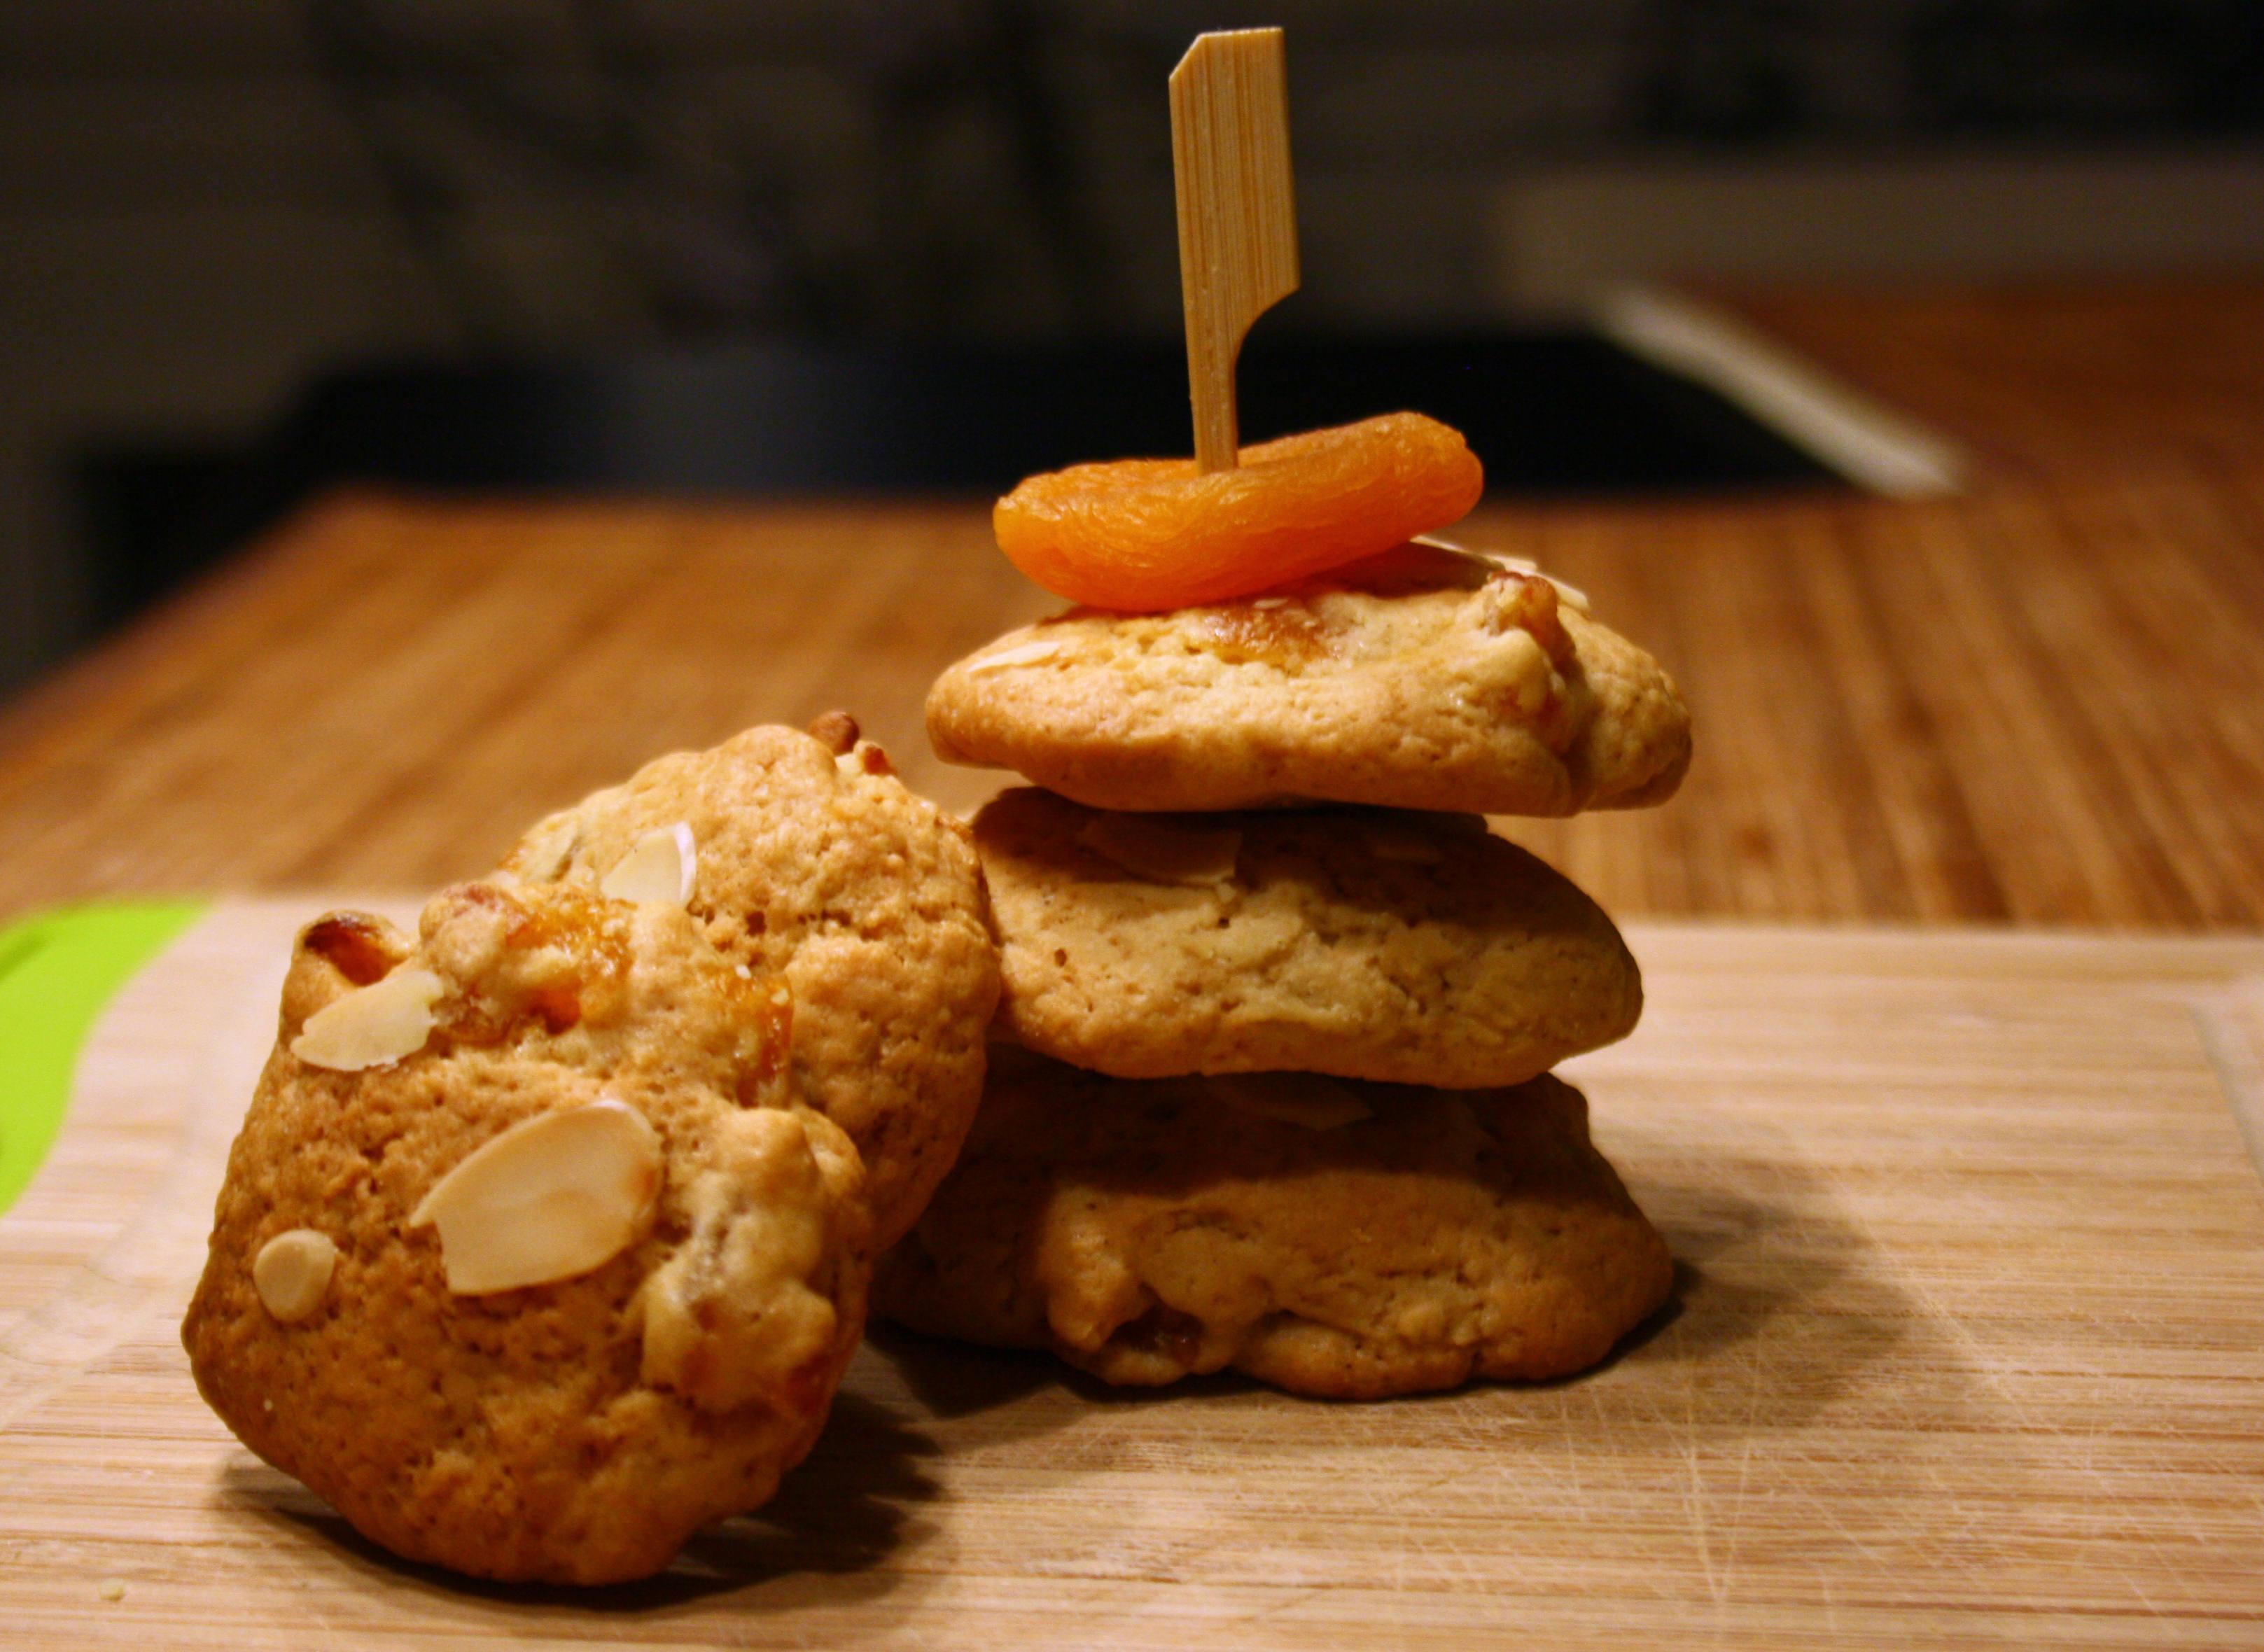 Aprikosen-Mandel-Kekse by http://babyrockmyday.com/aprikosen-mandel-kekse/